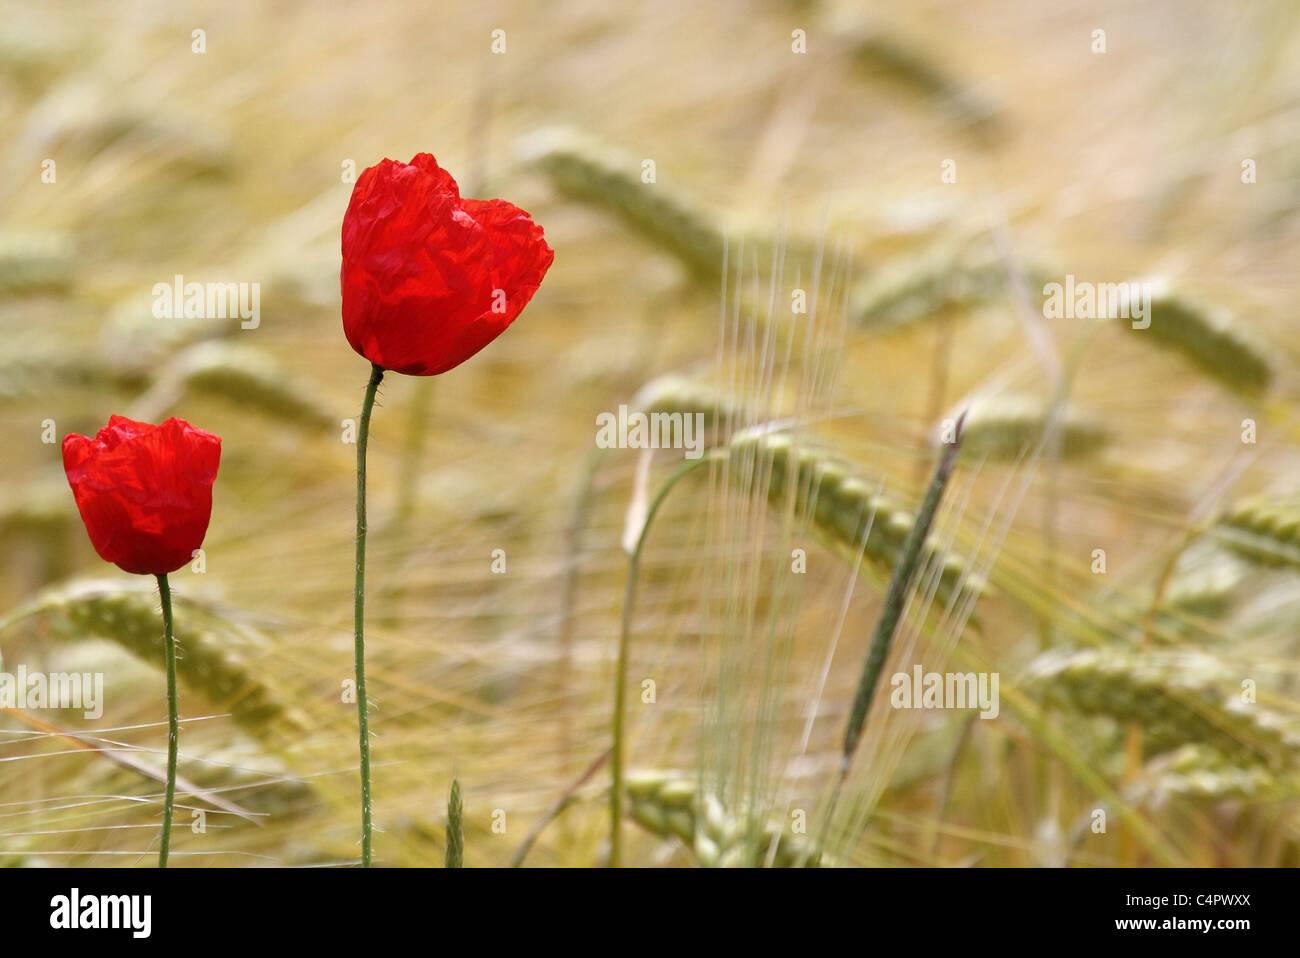 poppy in wheat field - Stock Image